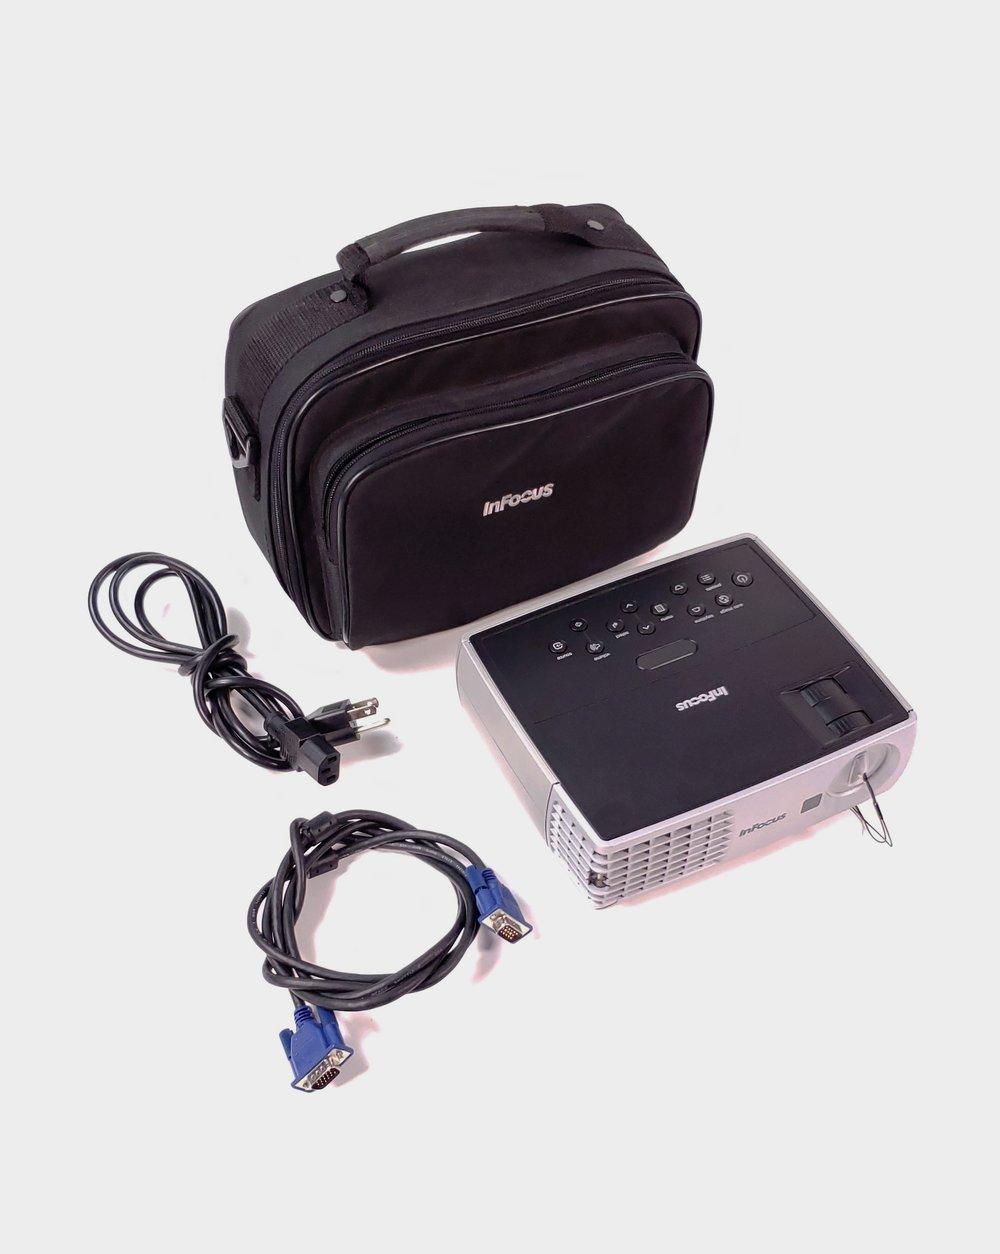 InFocus VGA Projector